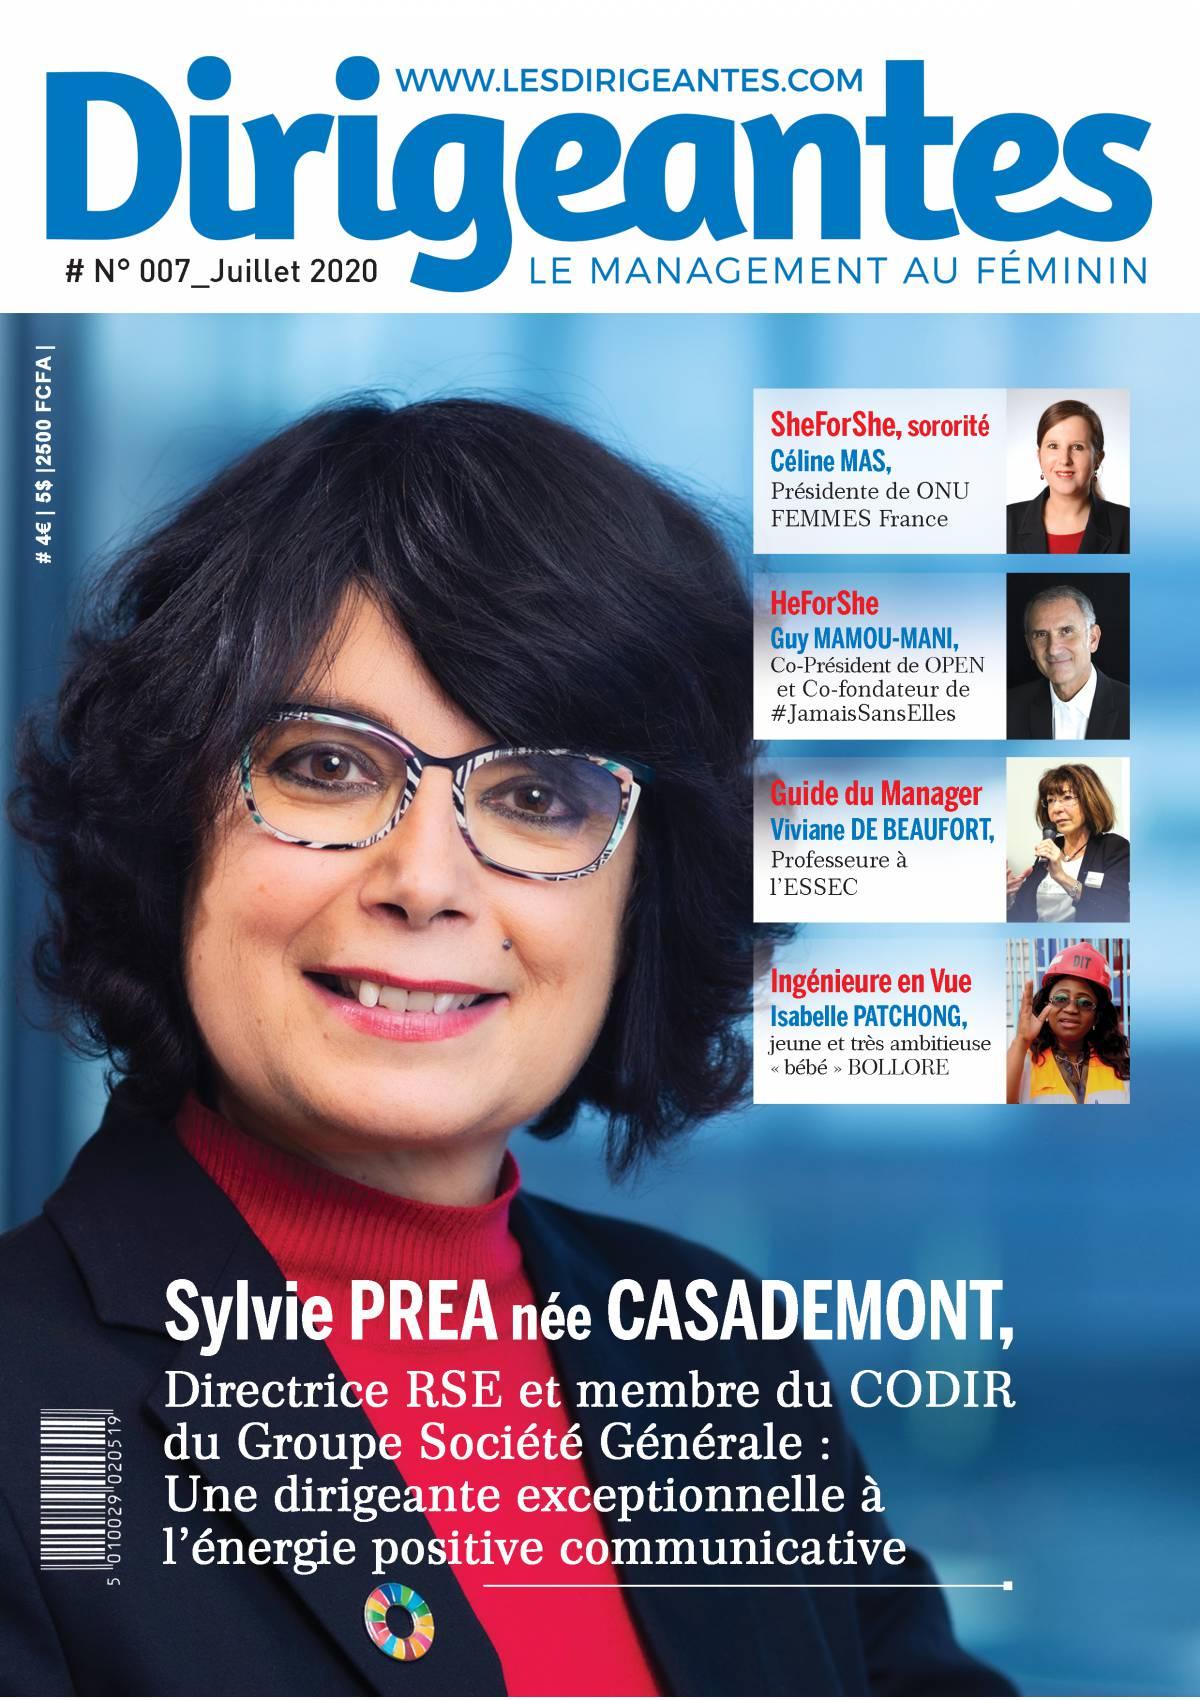 Dirigeantes Mag avec en UNE Sylvie PREA, Directrice RSE et membre du CODIR de Société Générale